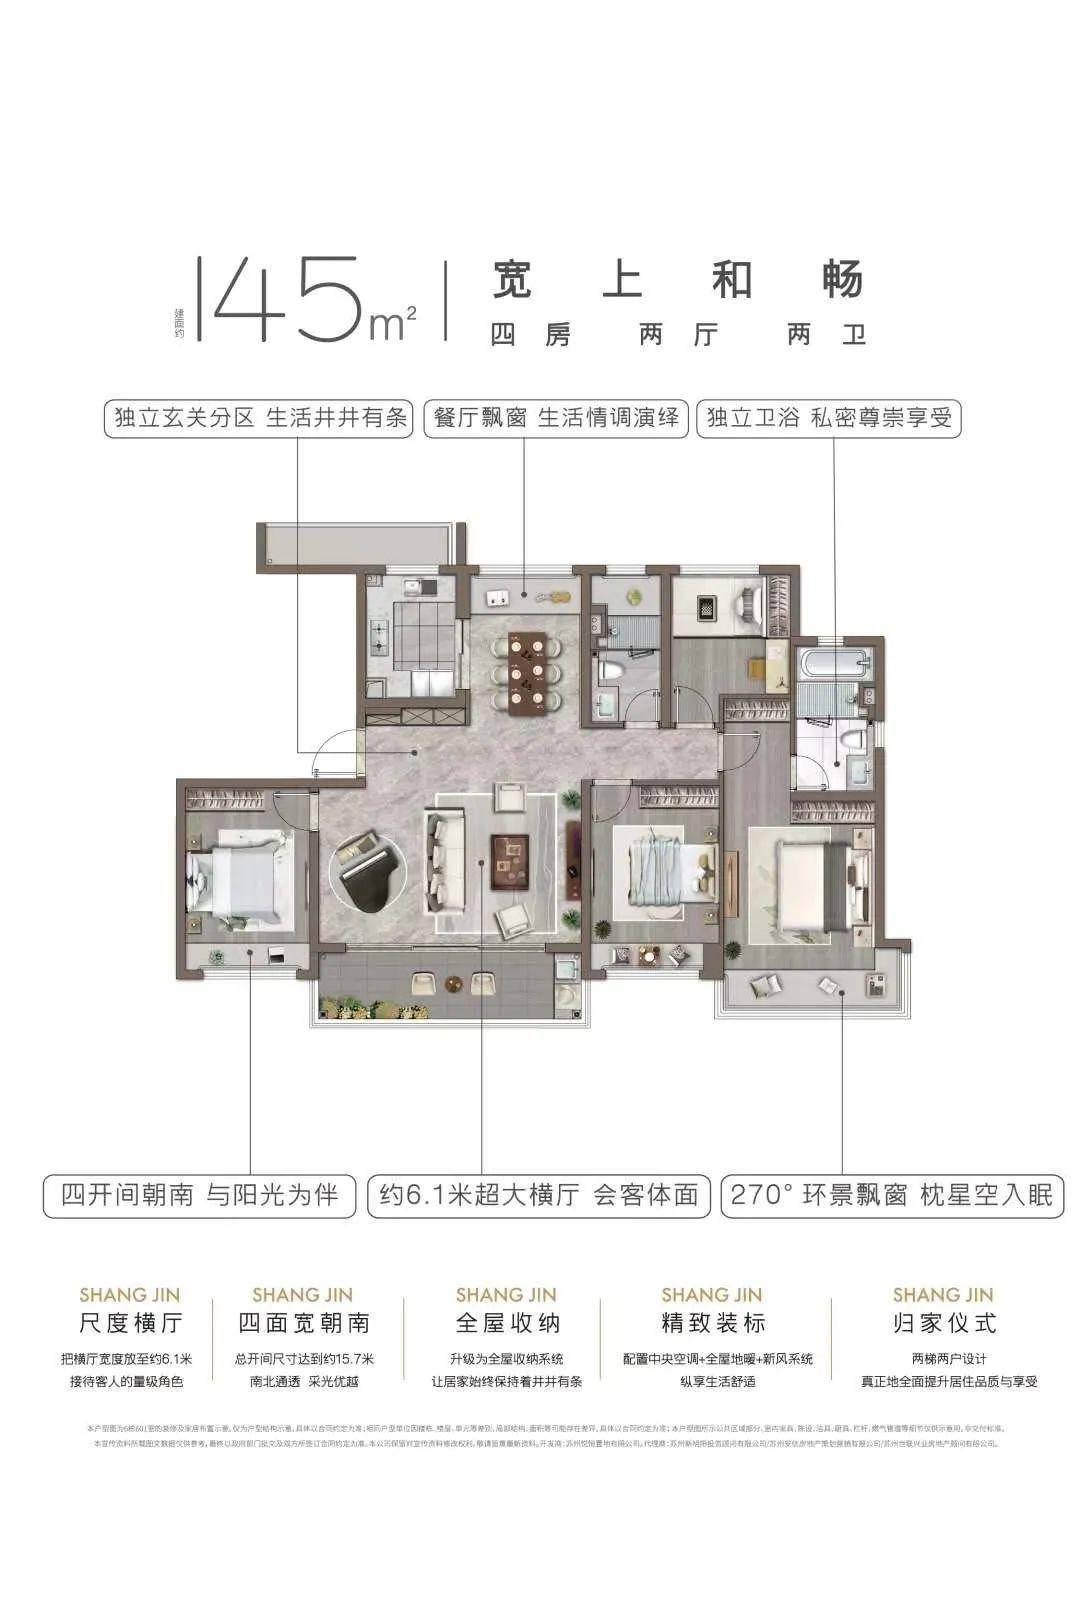 相城中央公园板块万科锦上和风华苑再次取证/212套精装高层,整体备案均价约27469元/㎡预计本周开盘(图6)